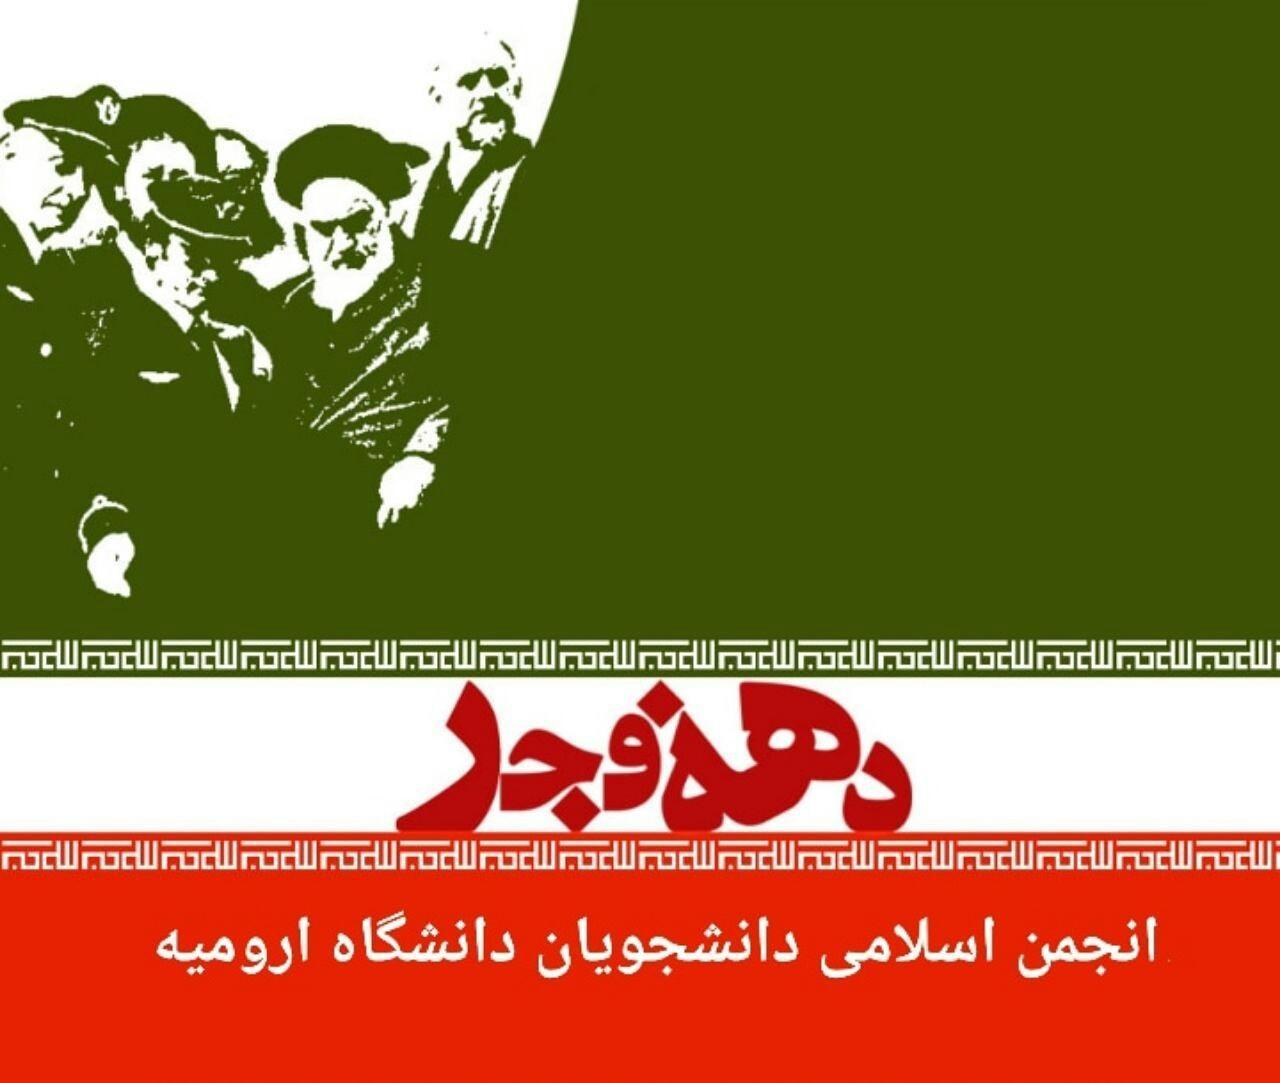 انقلاب اسلامی پایان بخش شب سیاه ظلم و جور، استبداد و وابستگی است